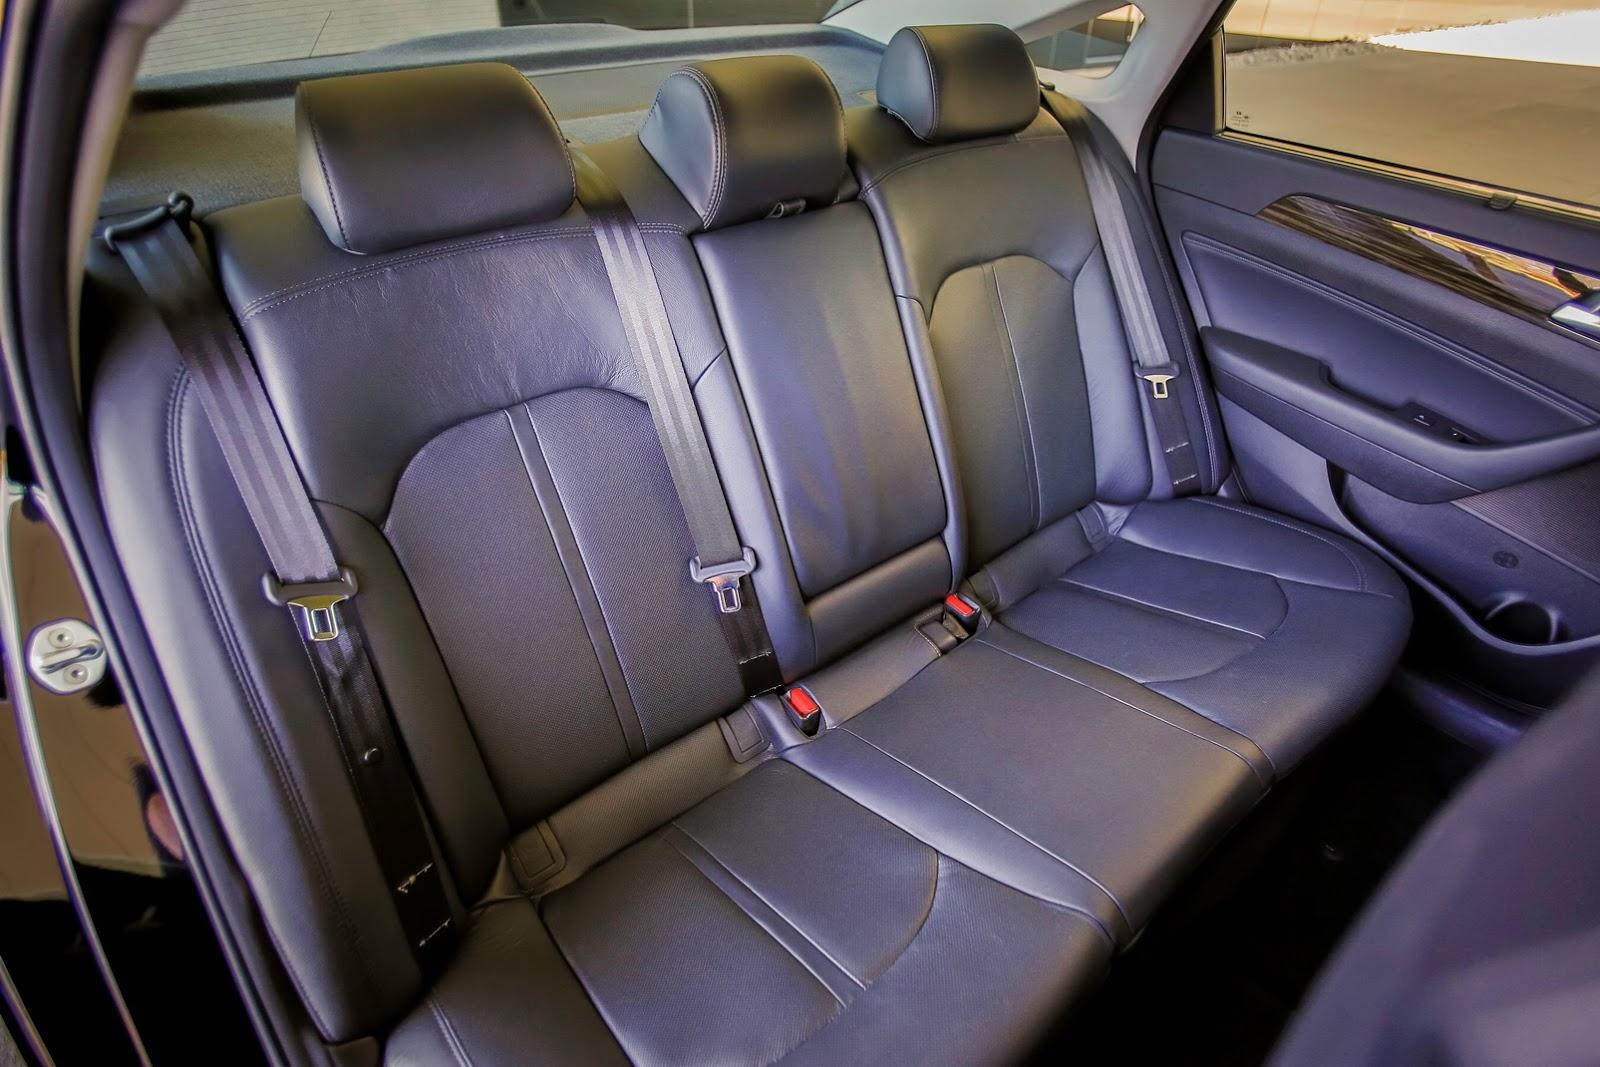 Cuối cùng là động cơ xăng Theta II, tăng áp, dung tích 2.0 lít, tạo ra công suất tối đa 245 mã lực và mô-men xoắn cực đại 352 Nm dành cho Hyundai Sonata 2017 bản cao nhất. Sức mạnh được truyền tới bánh thông qua hộp số tự động Shiftronic 6 cấp.